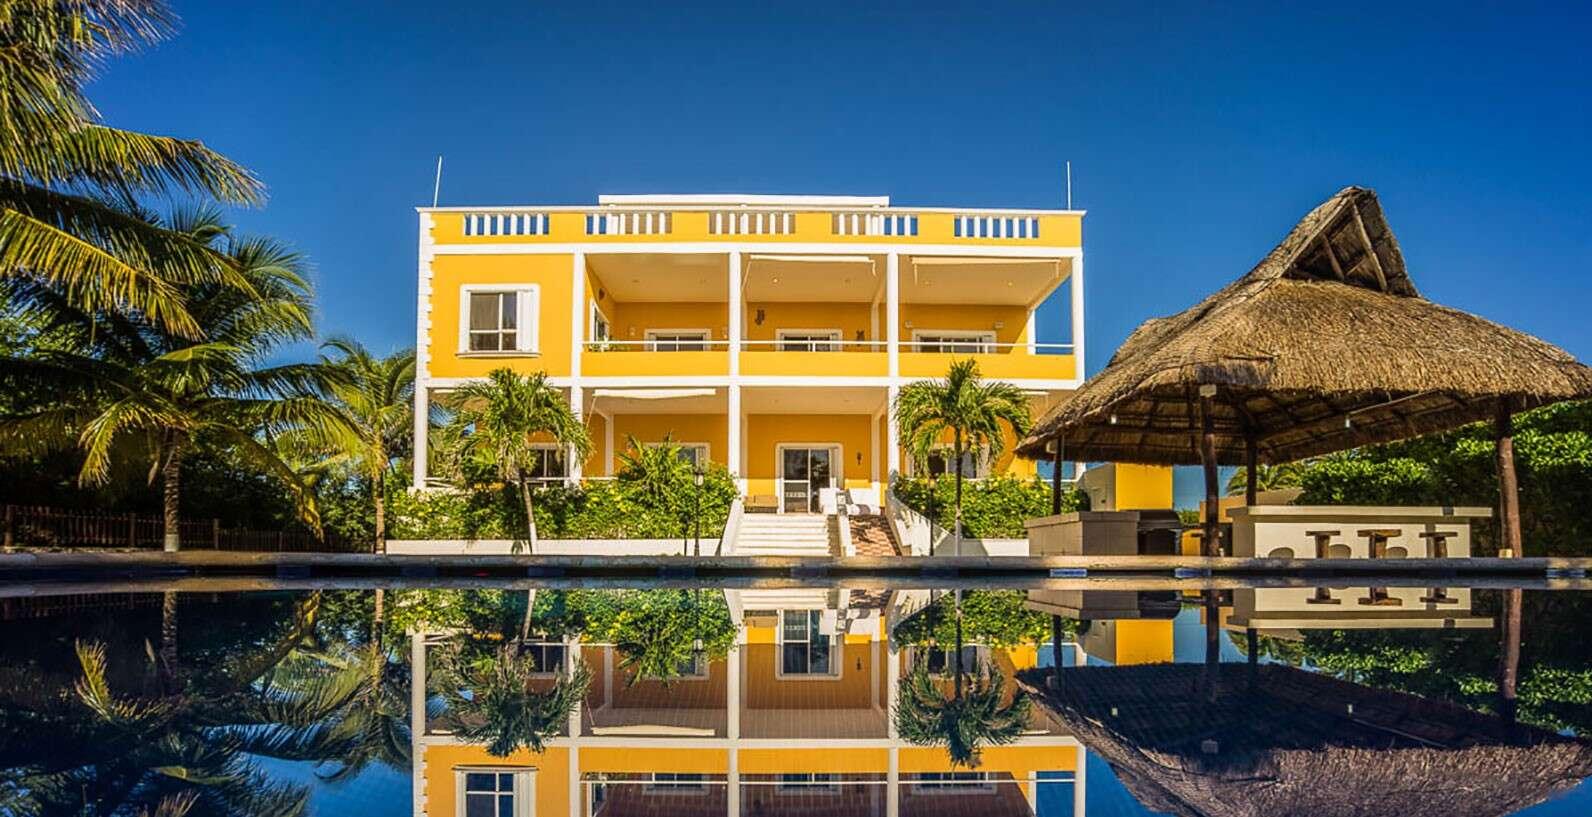 Luxury vacation rentals mexico - Riviera maya - Puerto morelos - No location 4 - Sol y Luna - Image 1/25